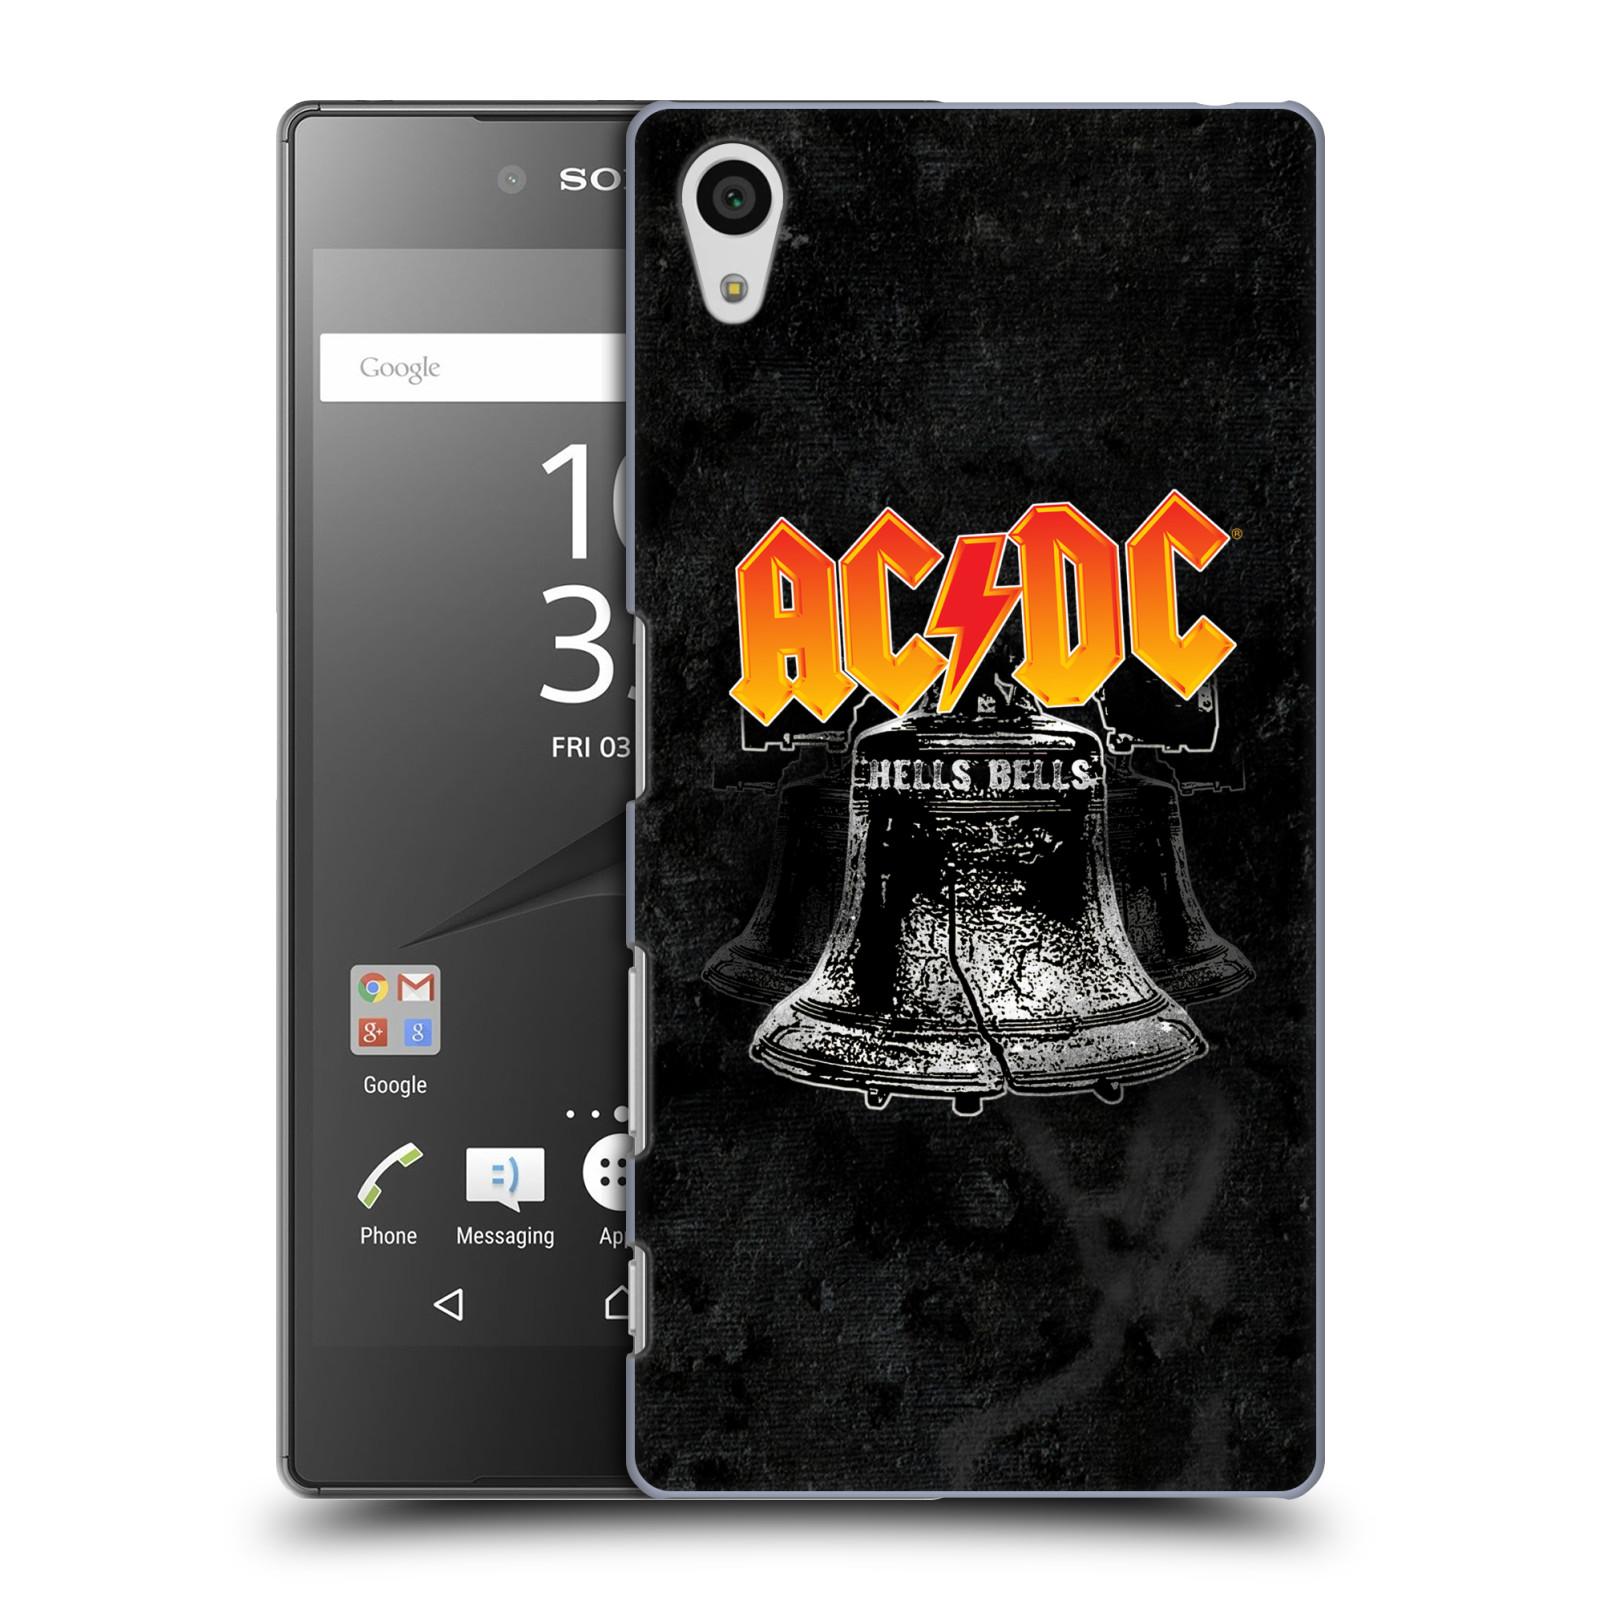 Plastové pouzdro na mobil Sony Xperia Z5 HEAD CASE AC/DC Hells Bells (Plastový kryt či obal na mobilní telefon s oficiálním motivem australské skupiny AC/DC pro Sony Xperia Z5 E6653)